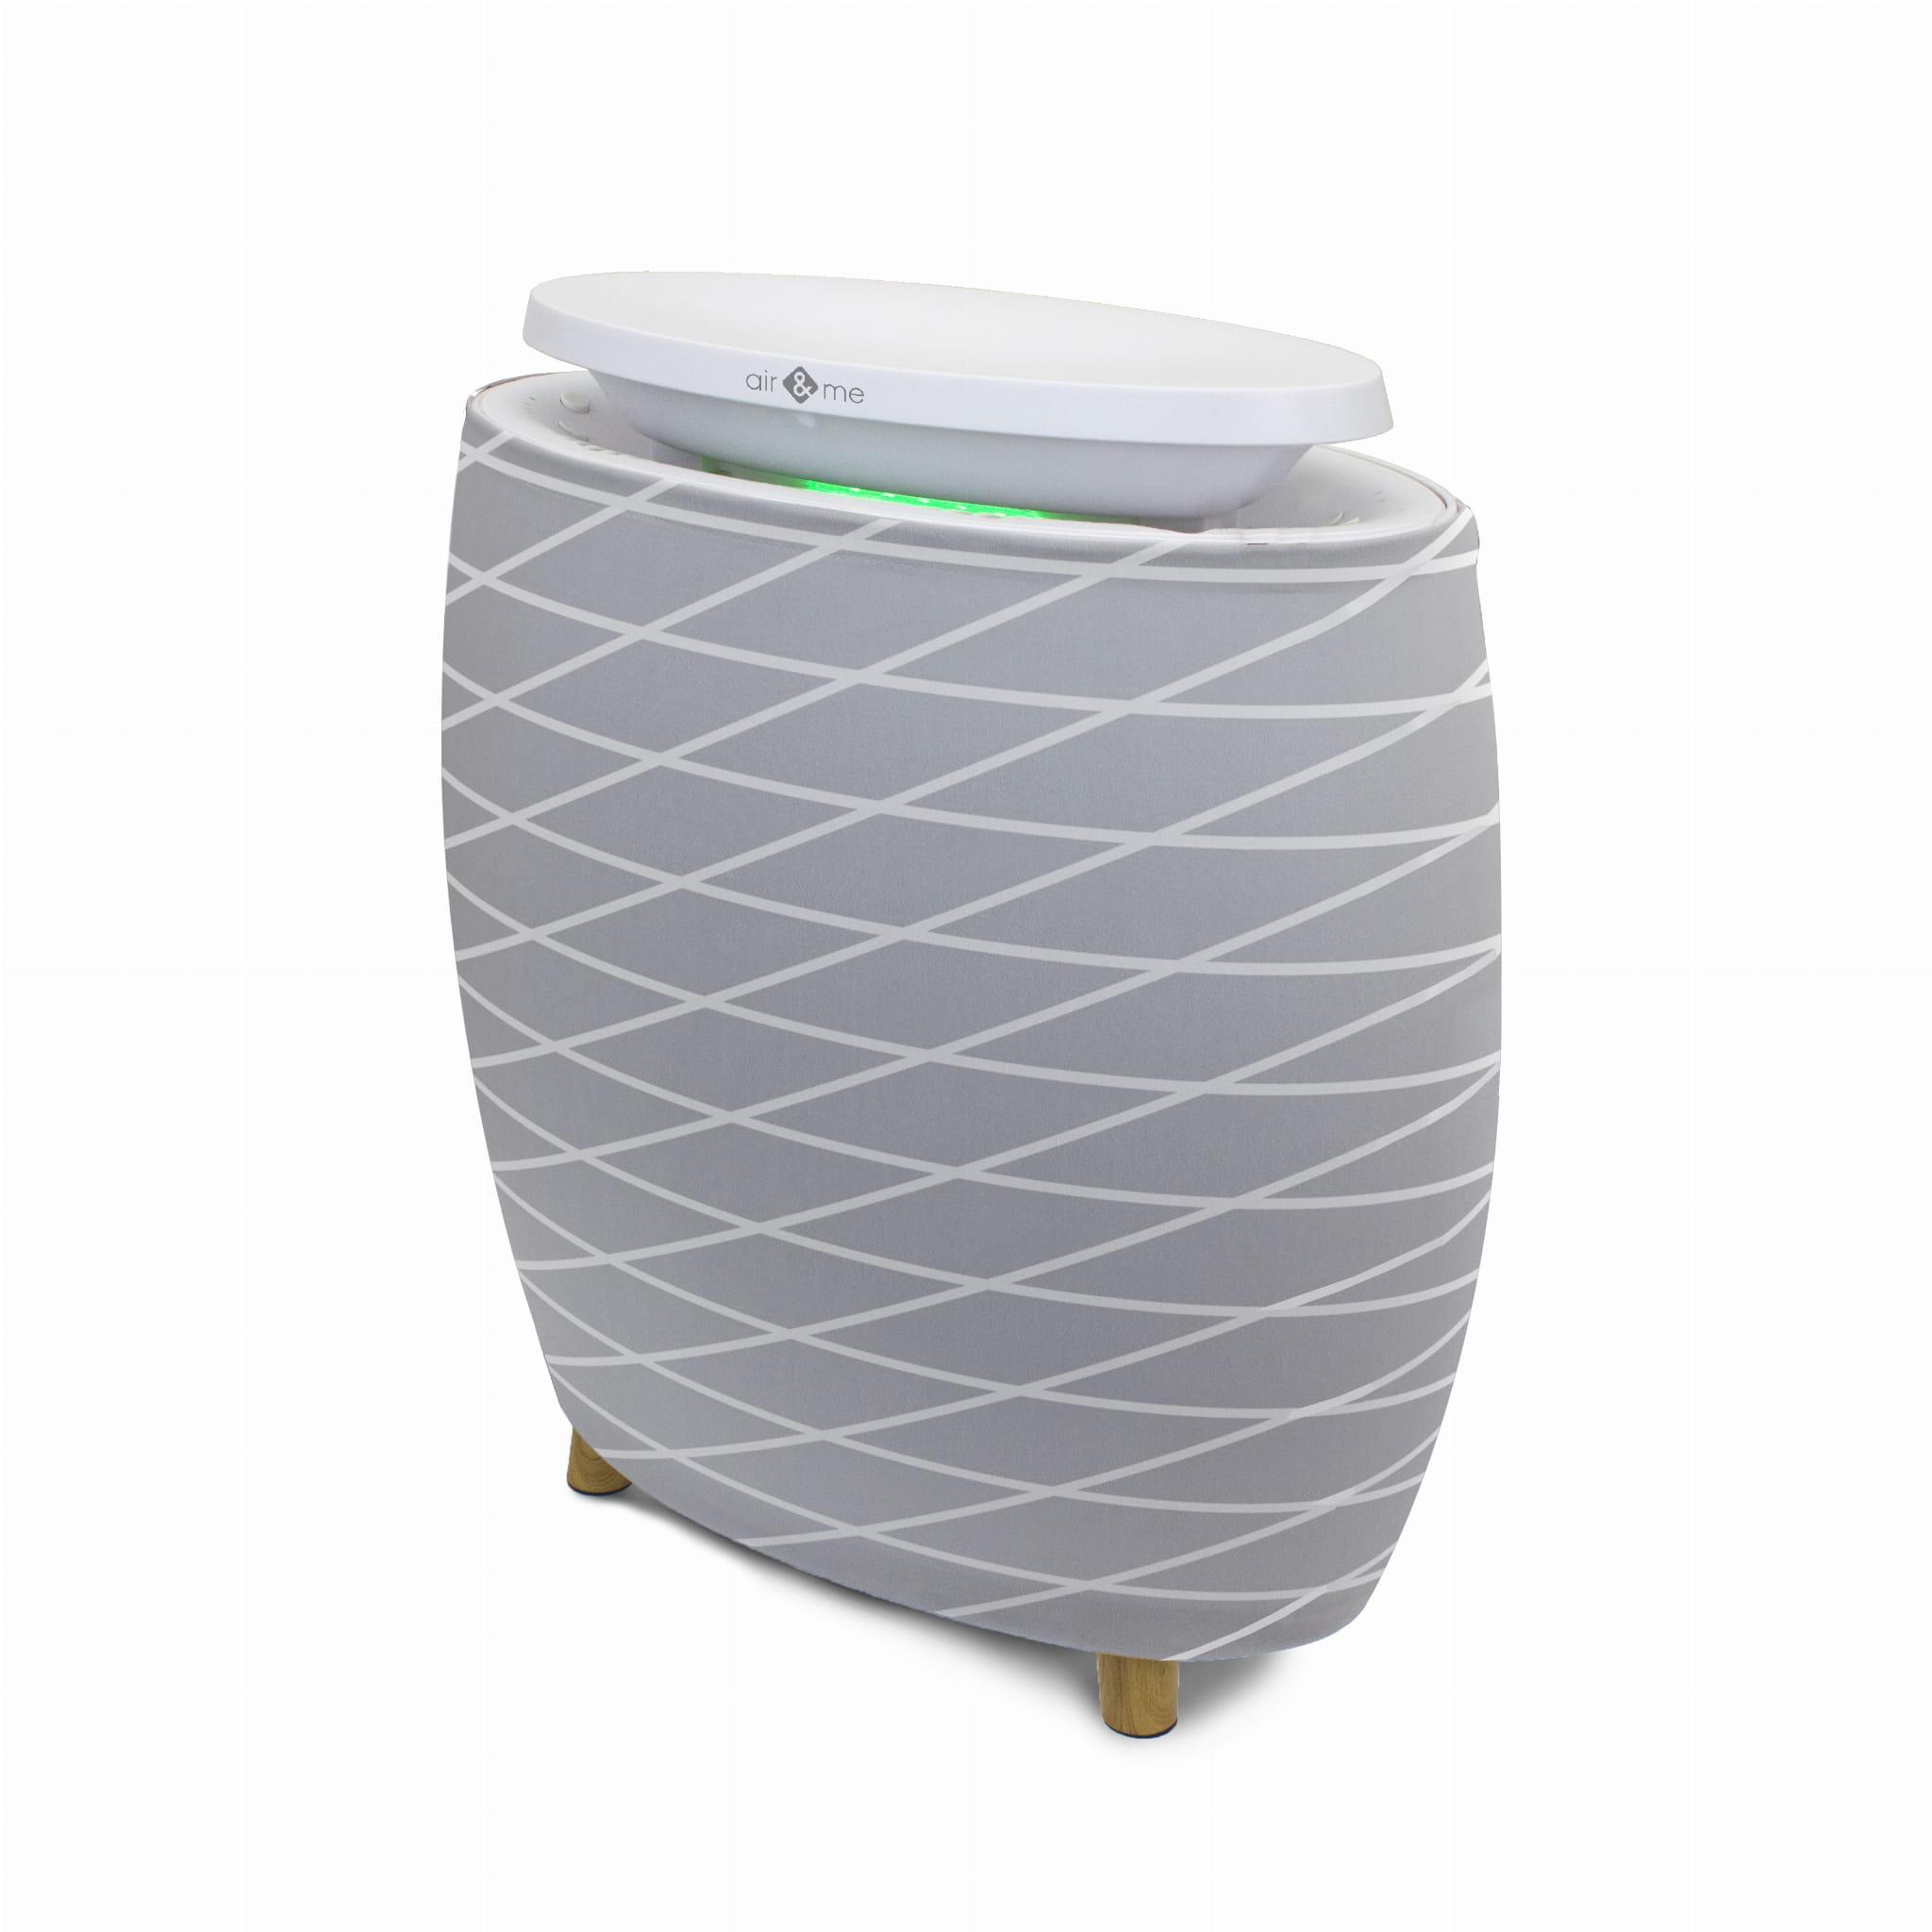 Oczyszczacz powietrza Air&me